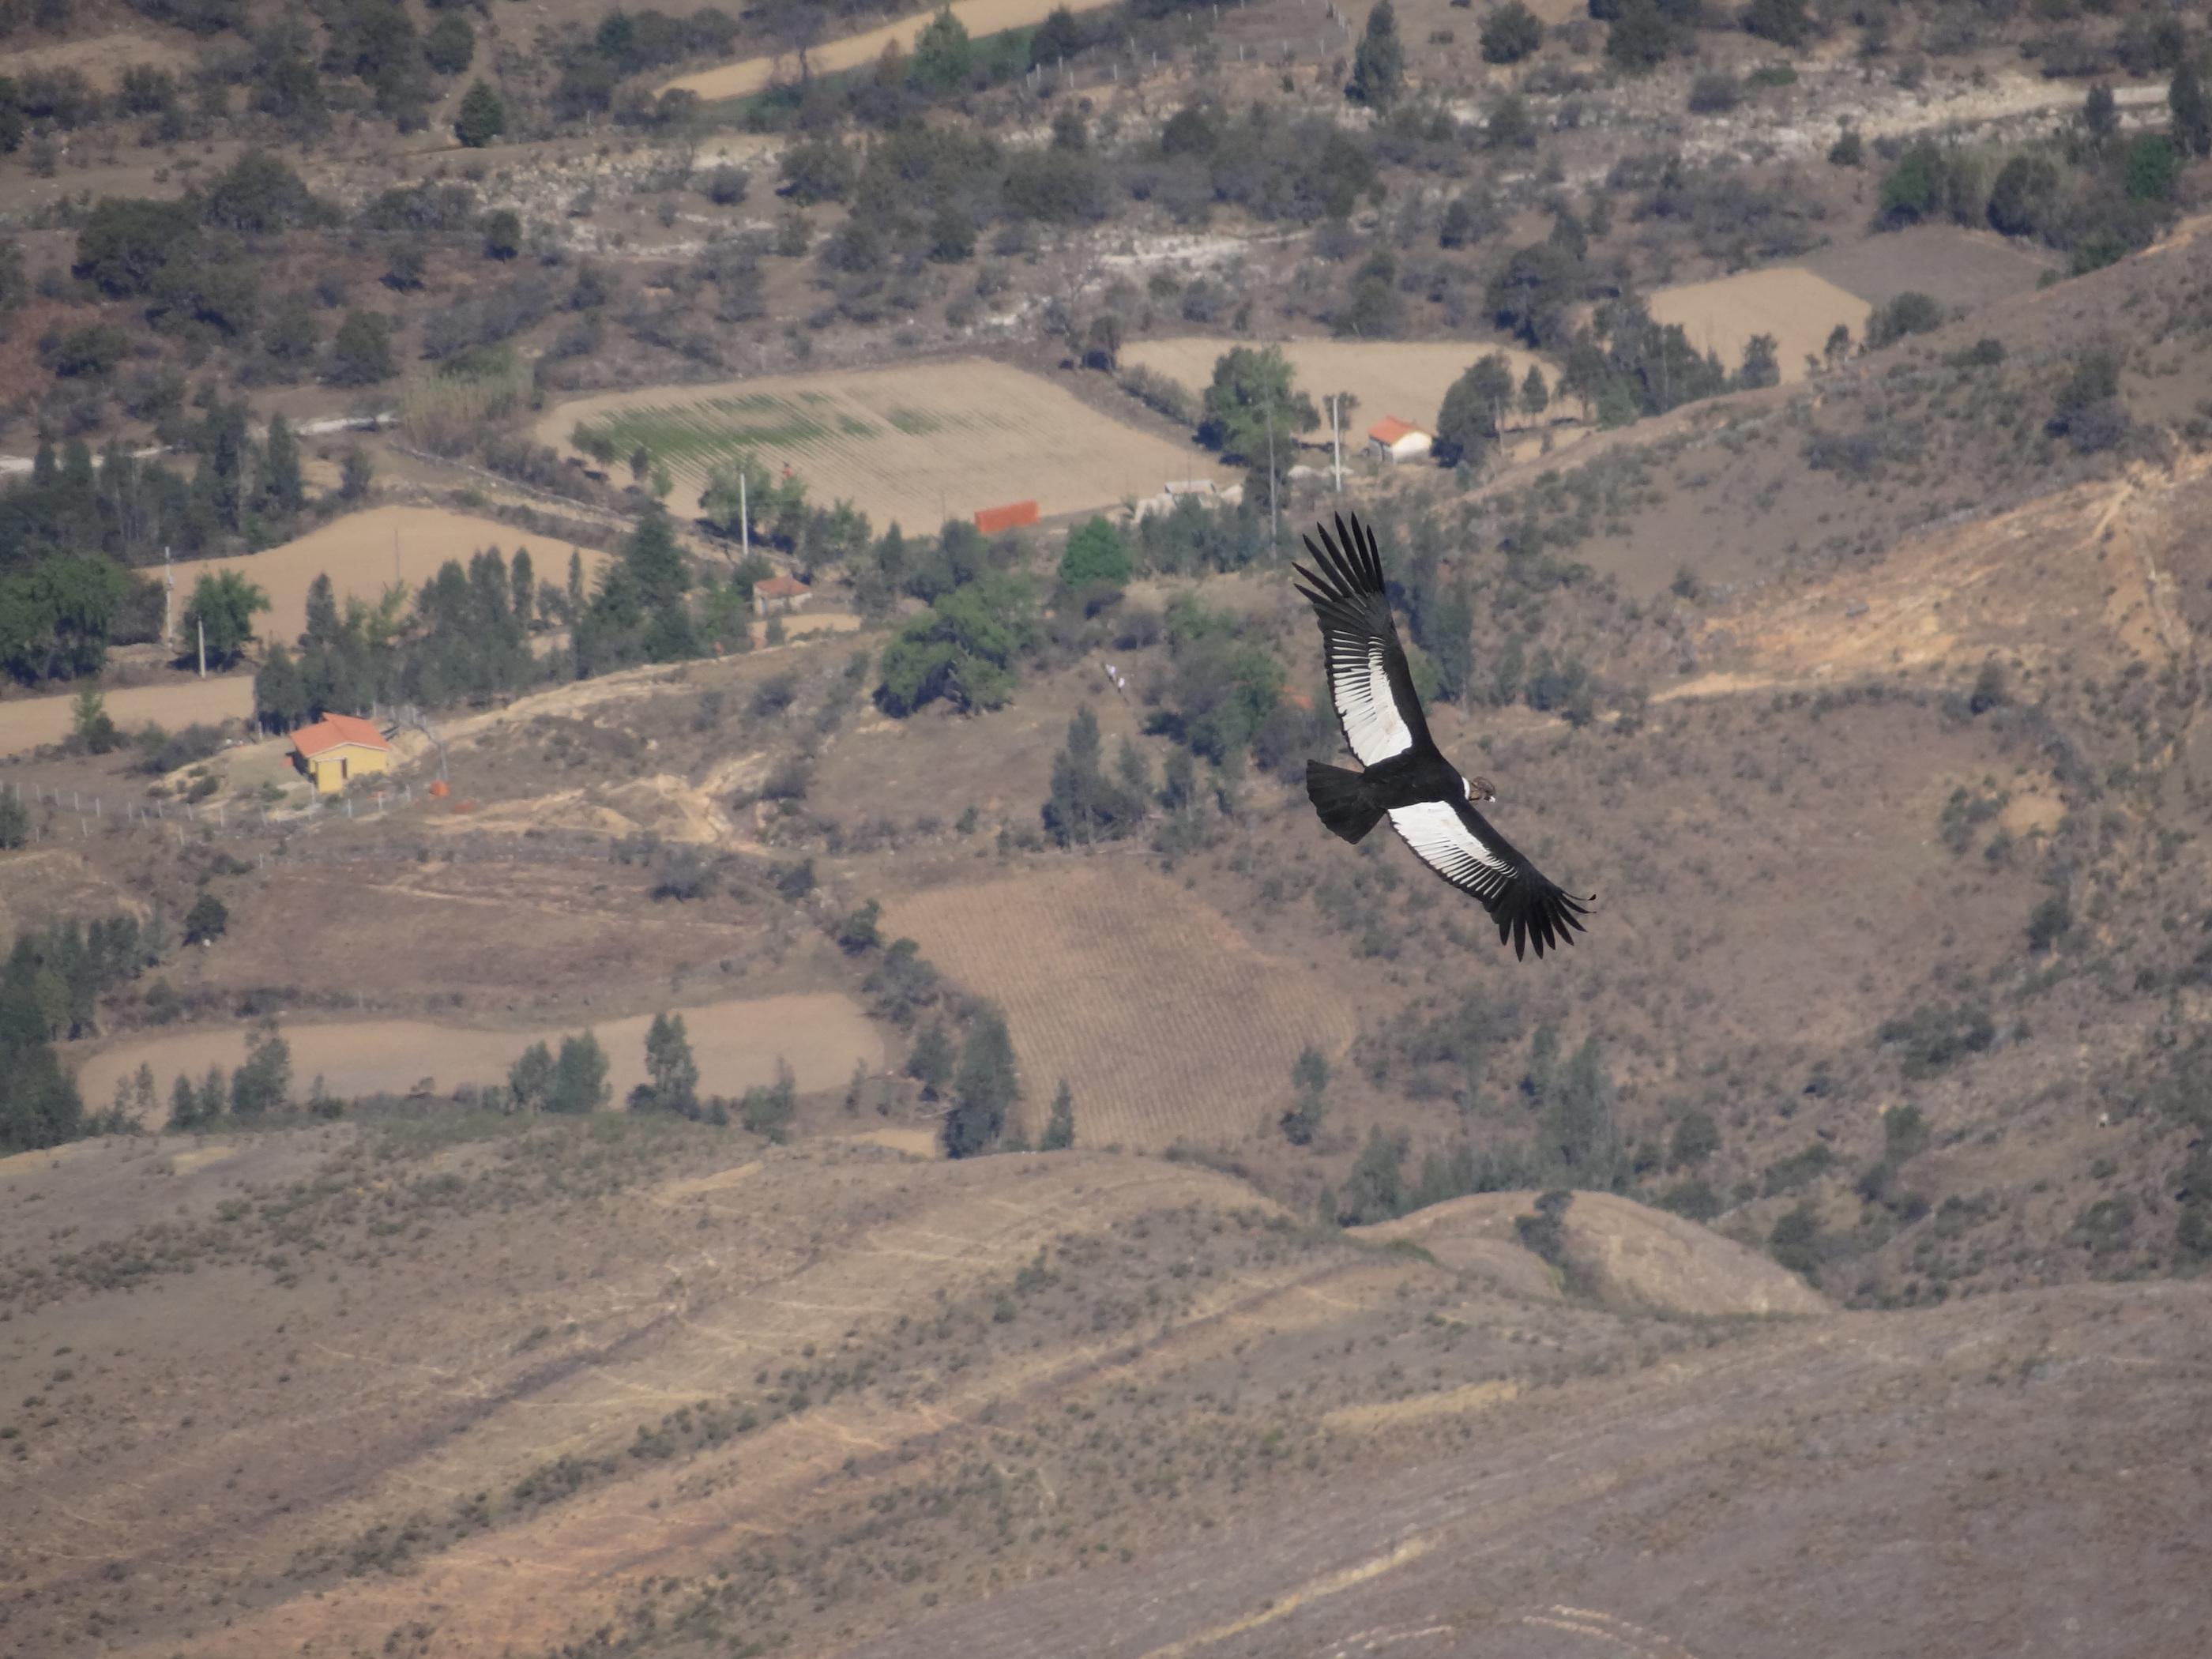 Se calcula en 1300 la cantidad de cóndores que habitan en Bolivia. Foto: Diego Méndez.